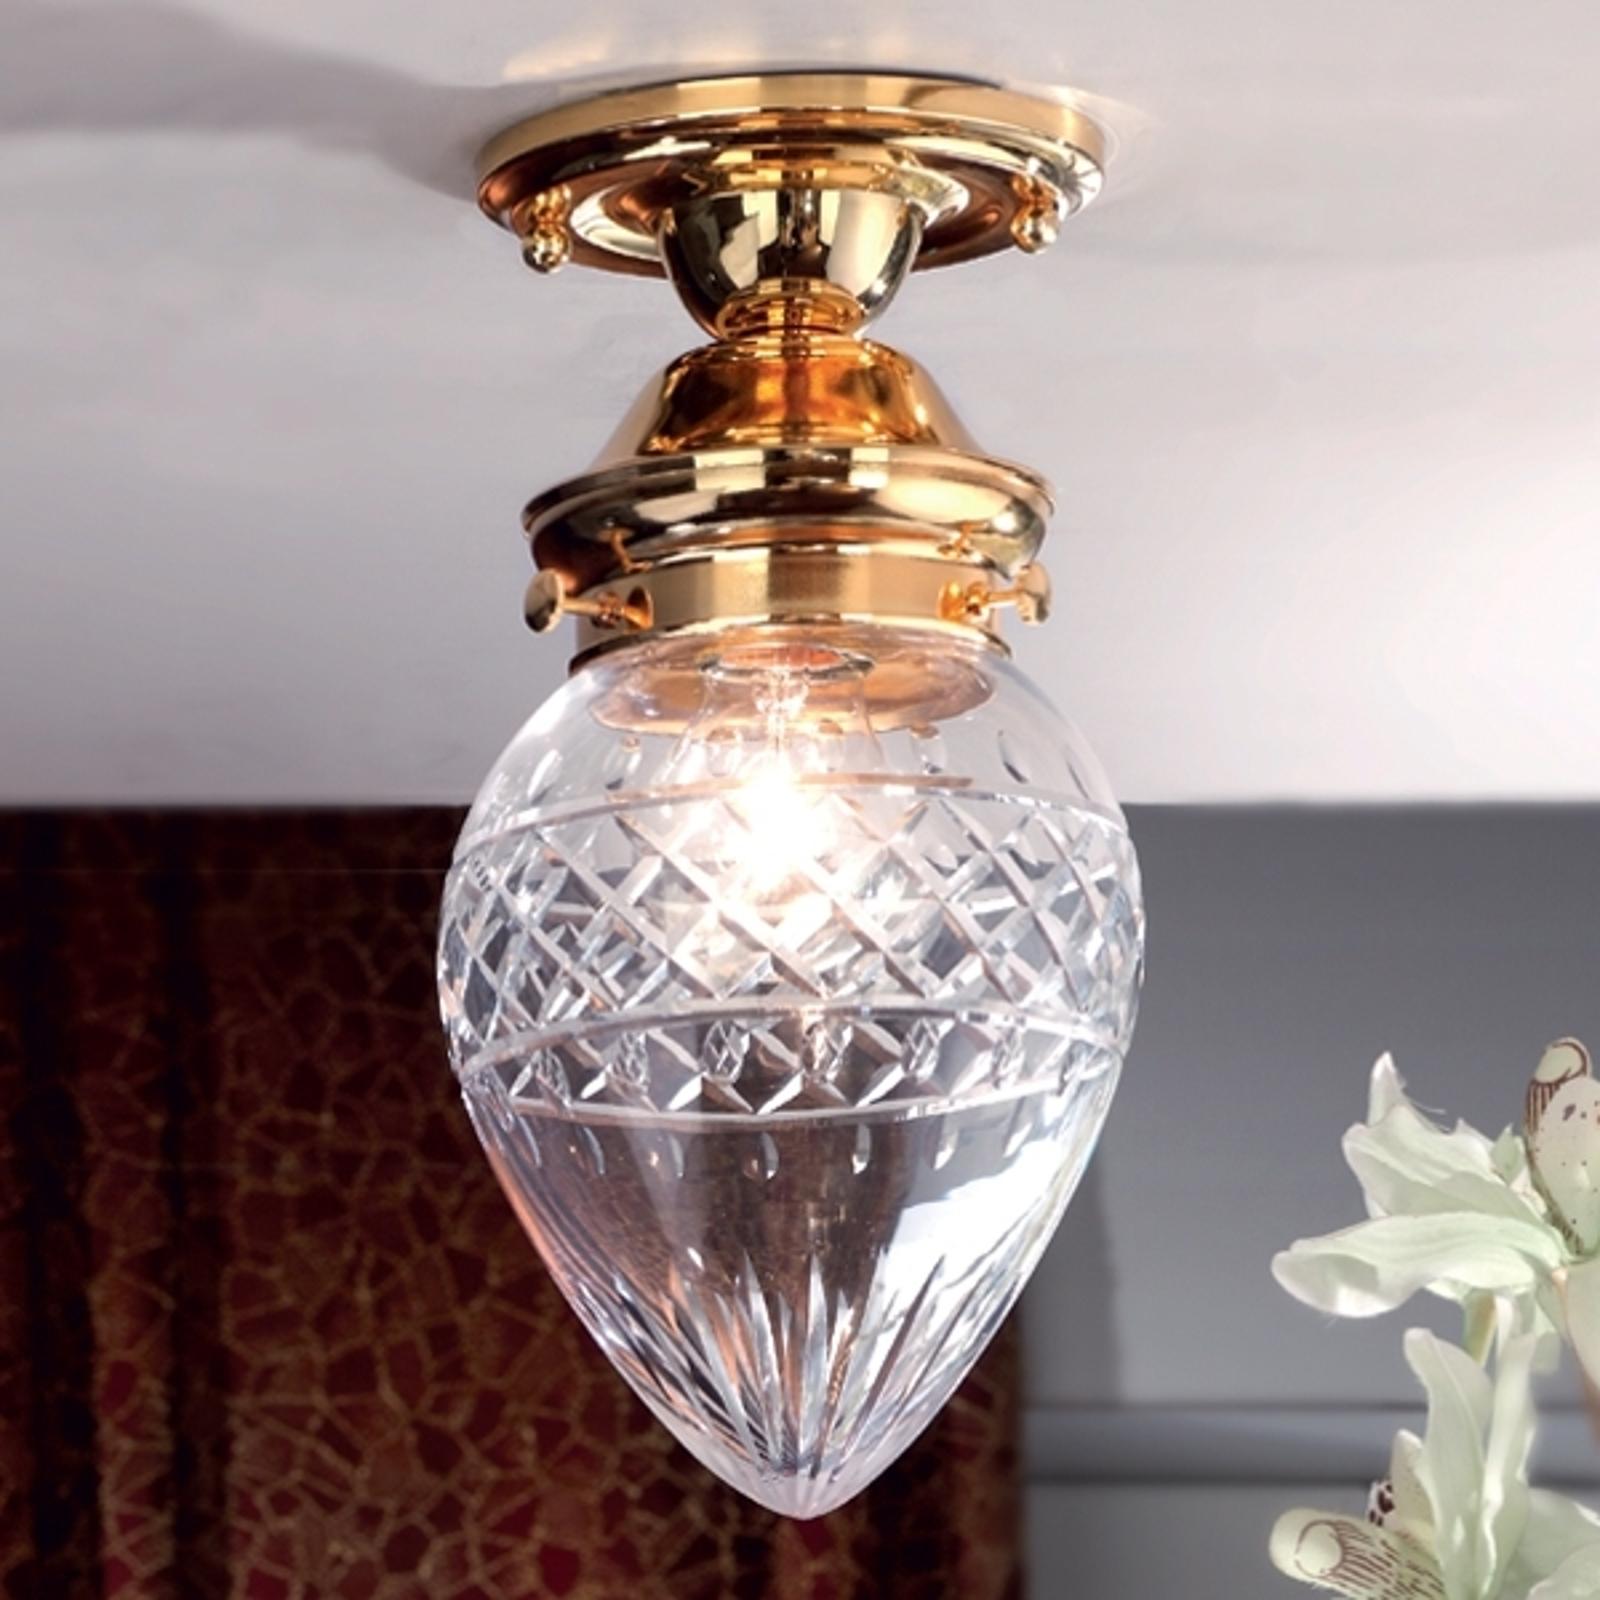 Kalkformet BUDAPEST loftlampe med Ø 15 cm